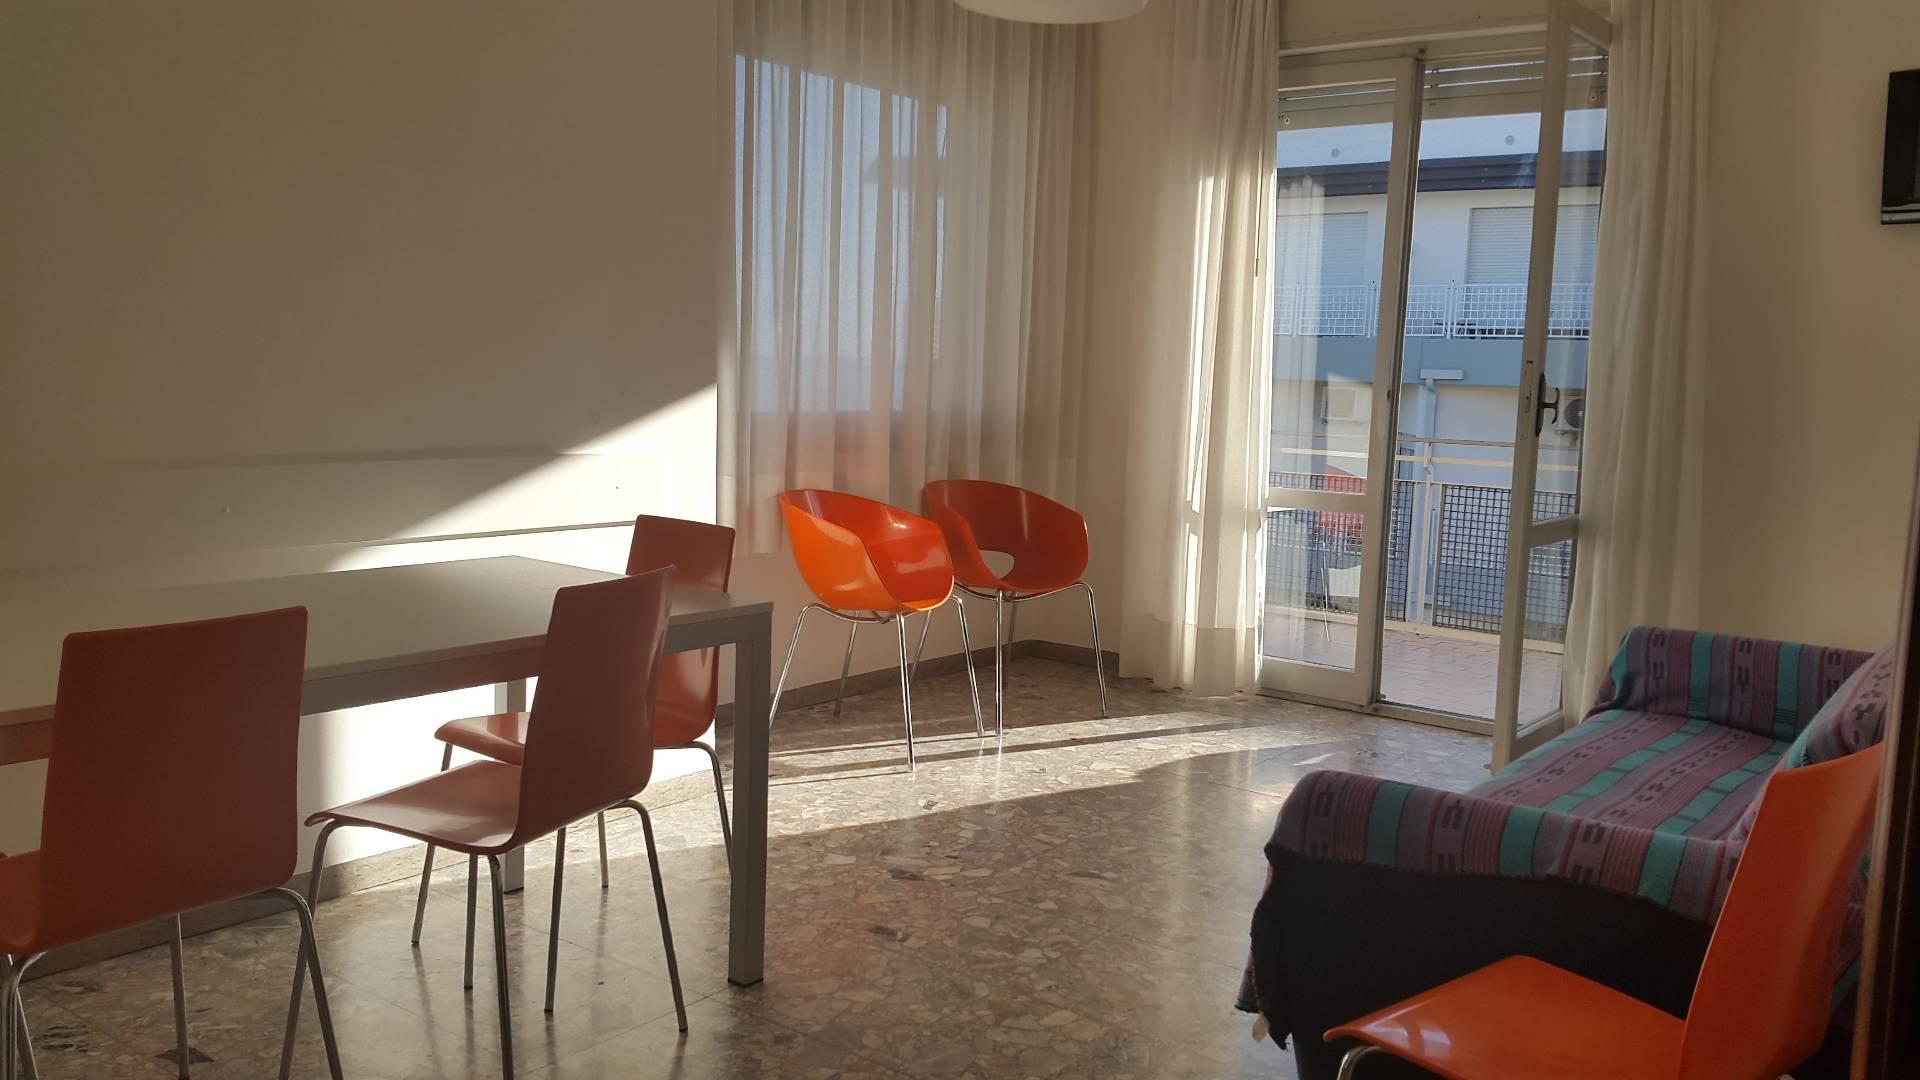 Appartamento in vendita a Jesolo, 2 locali, zona Località: PiazzaMazzini, prezzo € 360.000   Cambio Casa.it